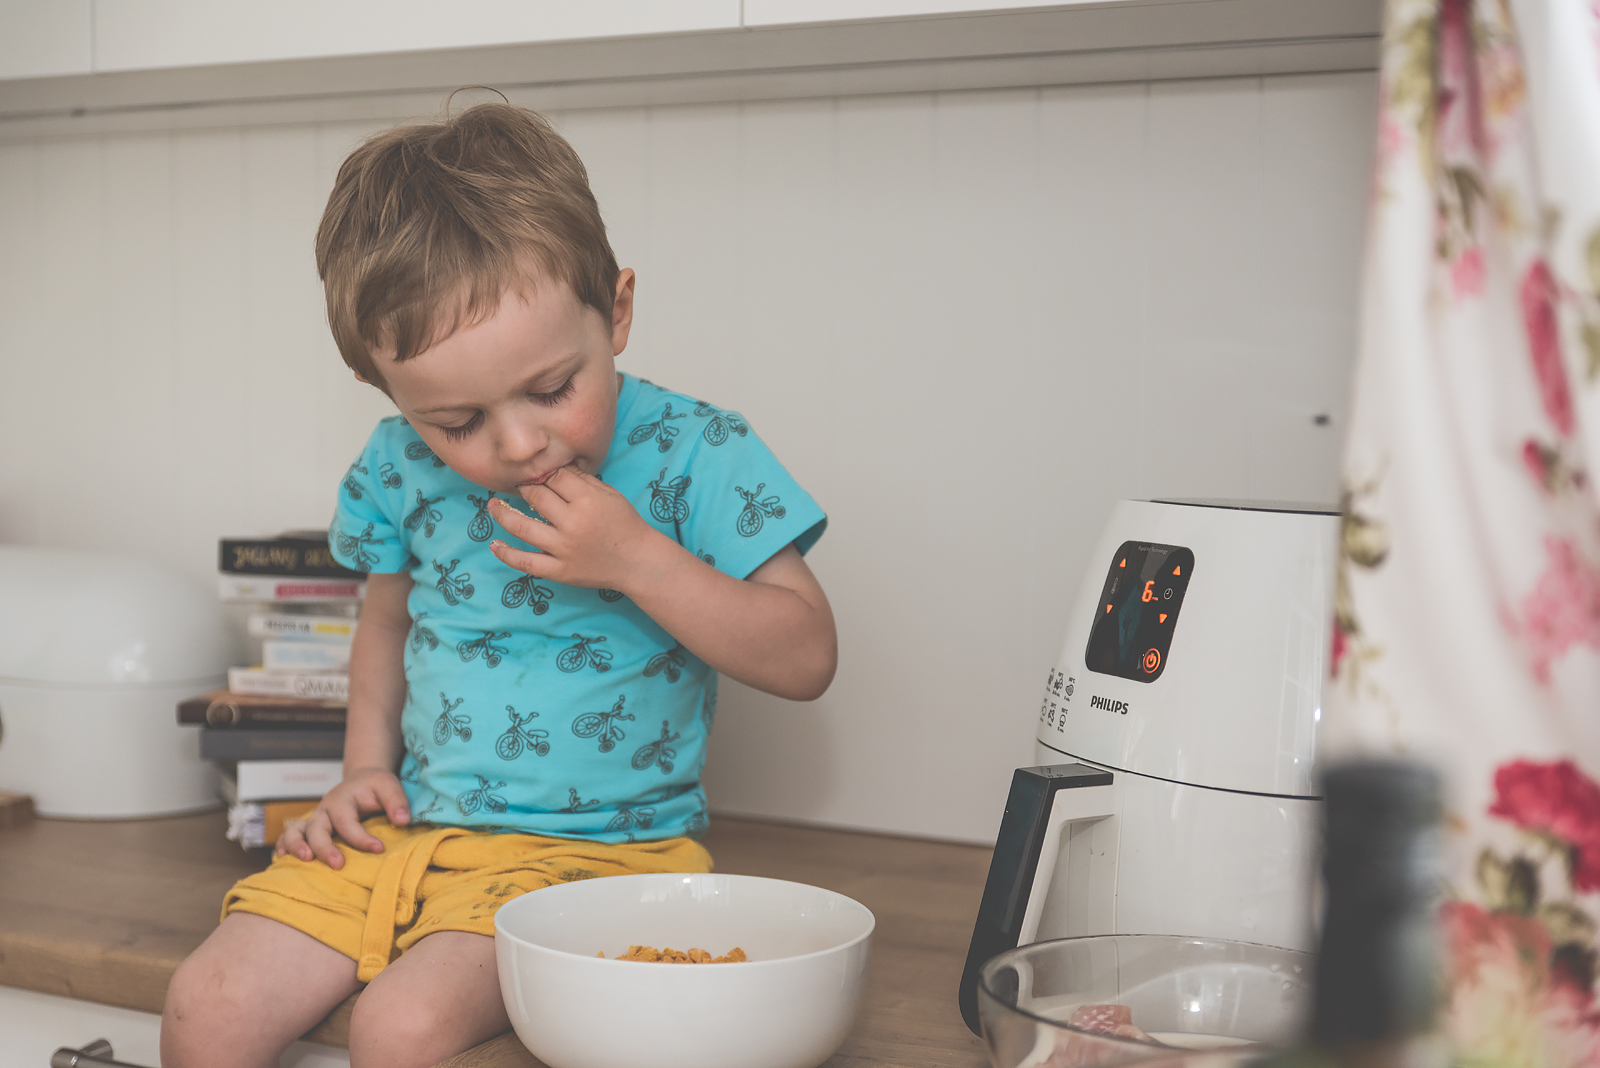 Philips Airfryer Przepisy Test Bakusiowo Domowe Frytki KFC w domu00027